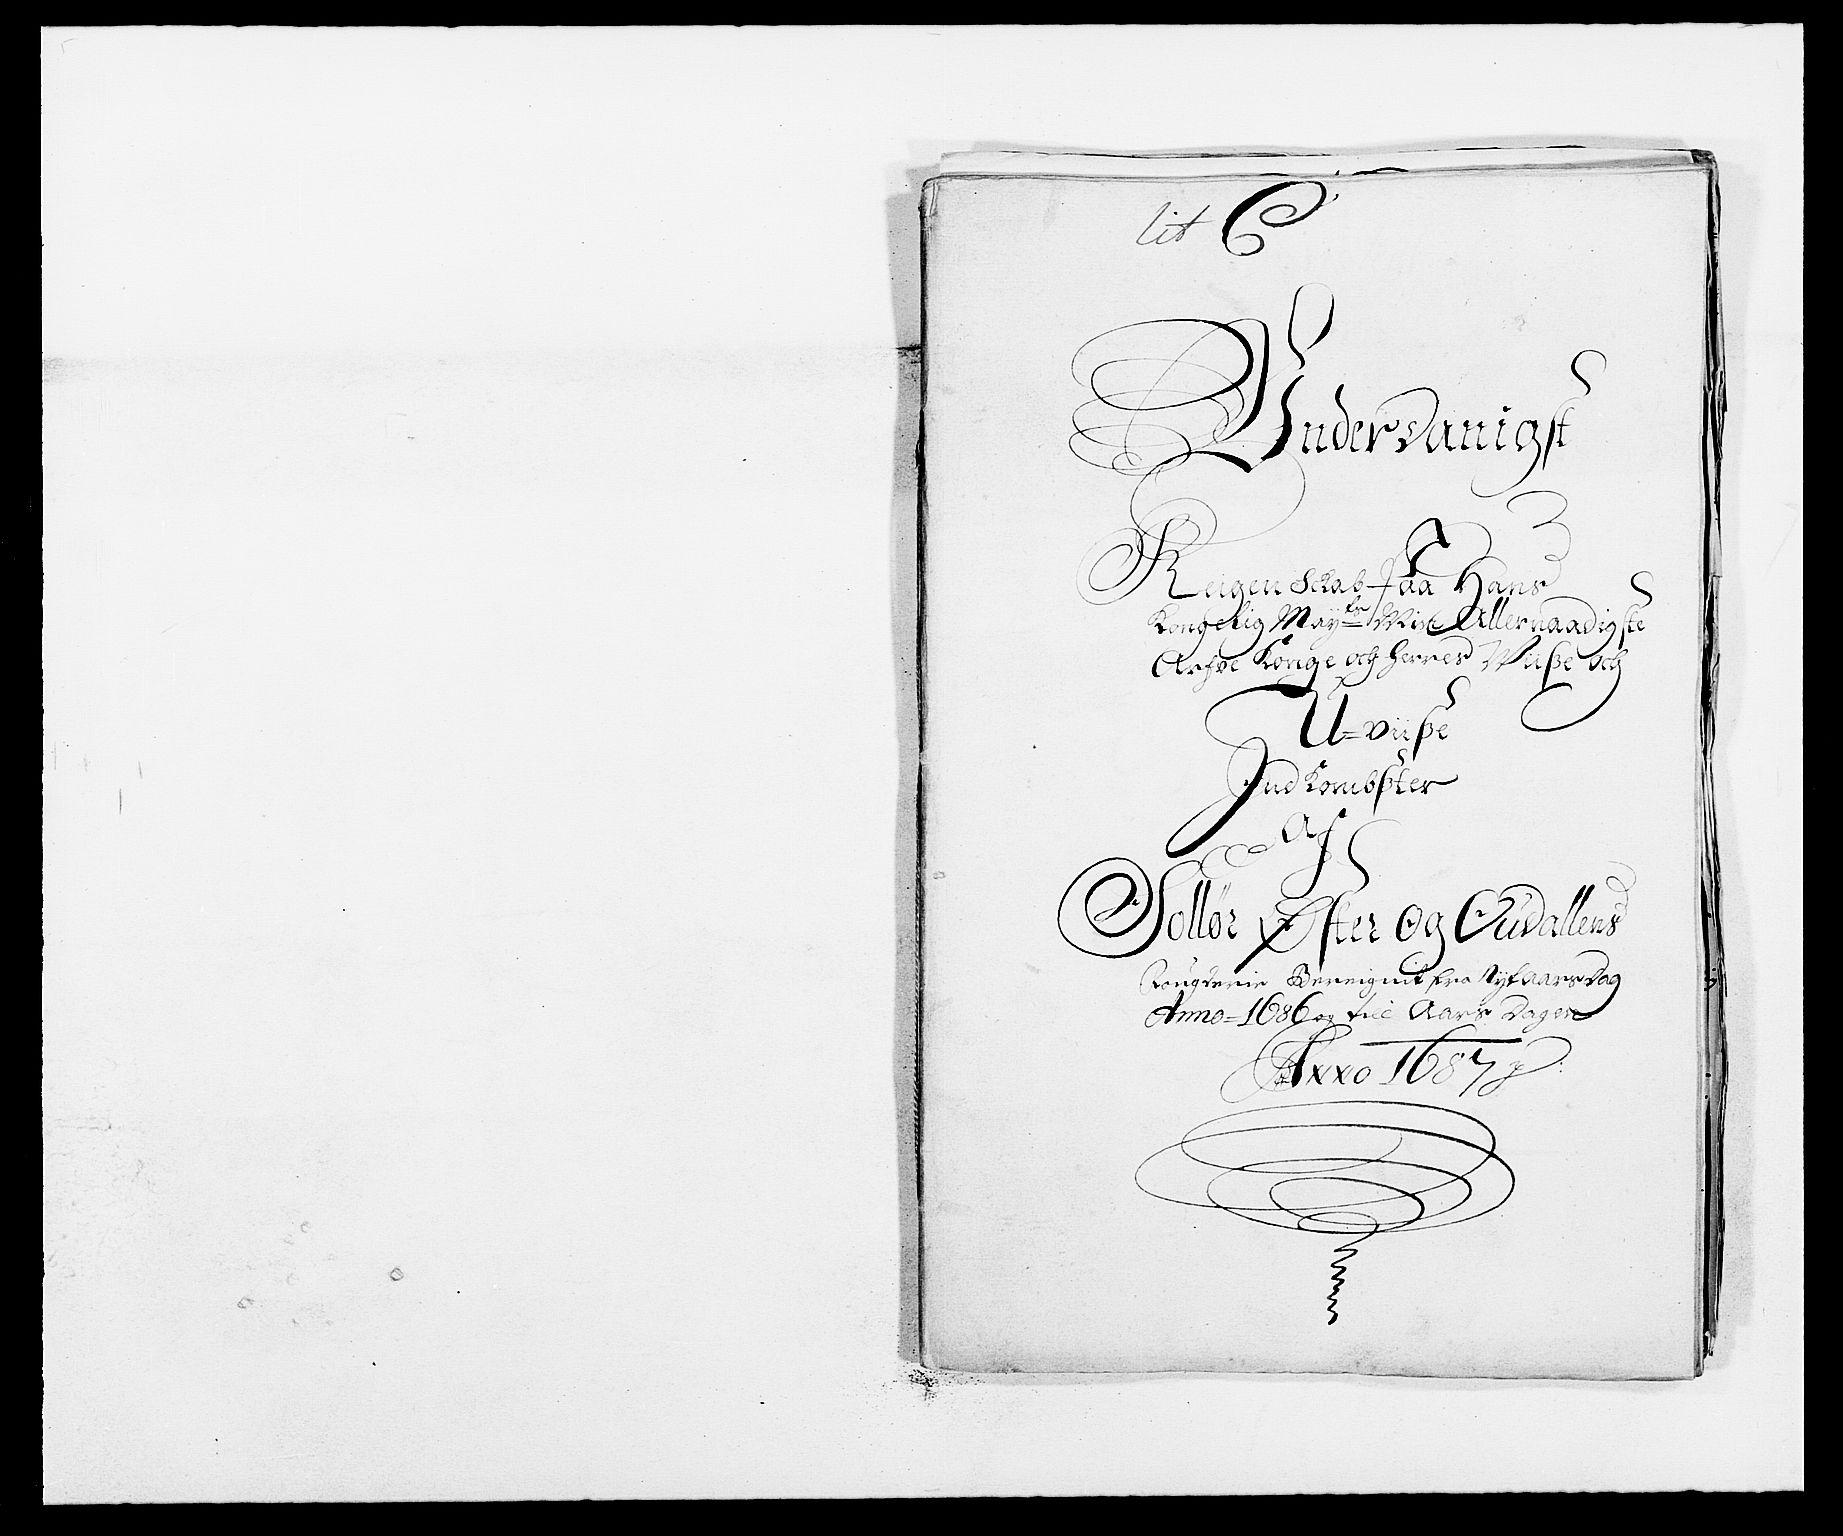 RA, Rentekammeret inntil 1814, Reviderte regnskaper, Fogderegnskap, R13/L0823: Fogderegnskap Solør, Odal og Østerdal, 1686, s. 2